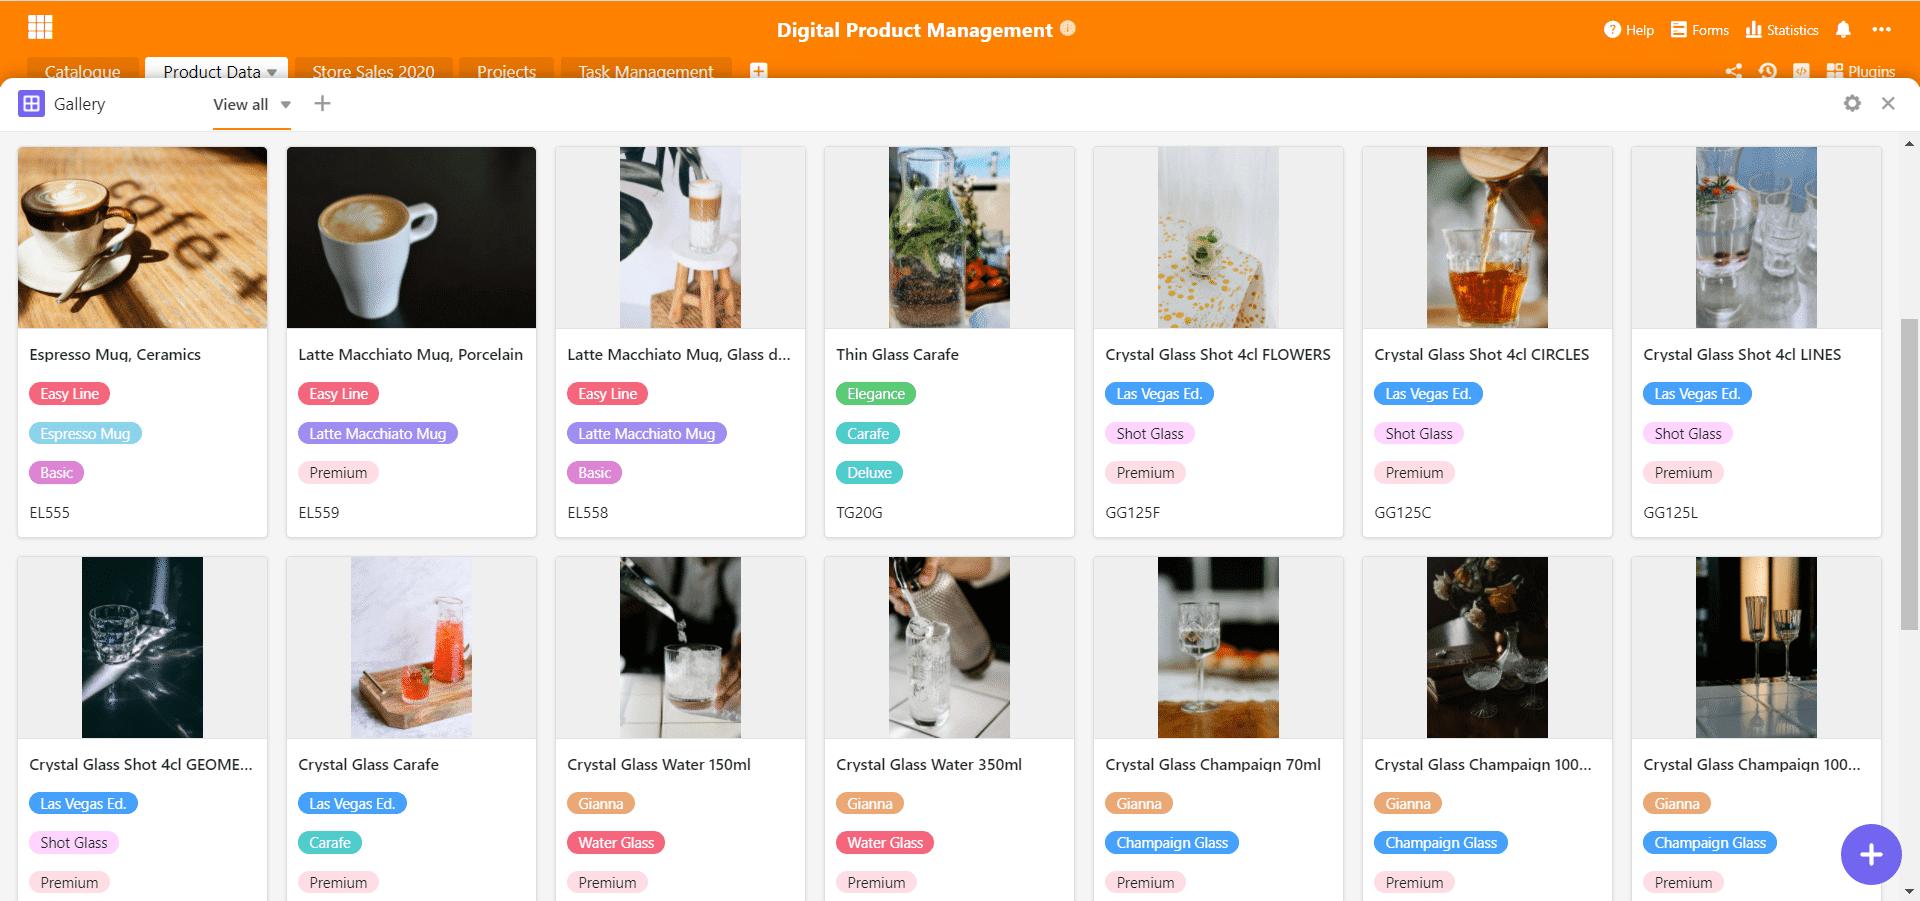 Produktbilder-Galerie für digitales Produktmanagement